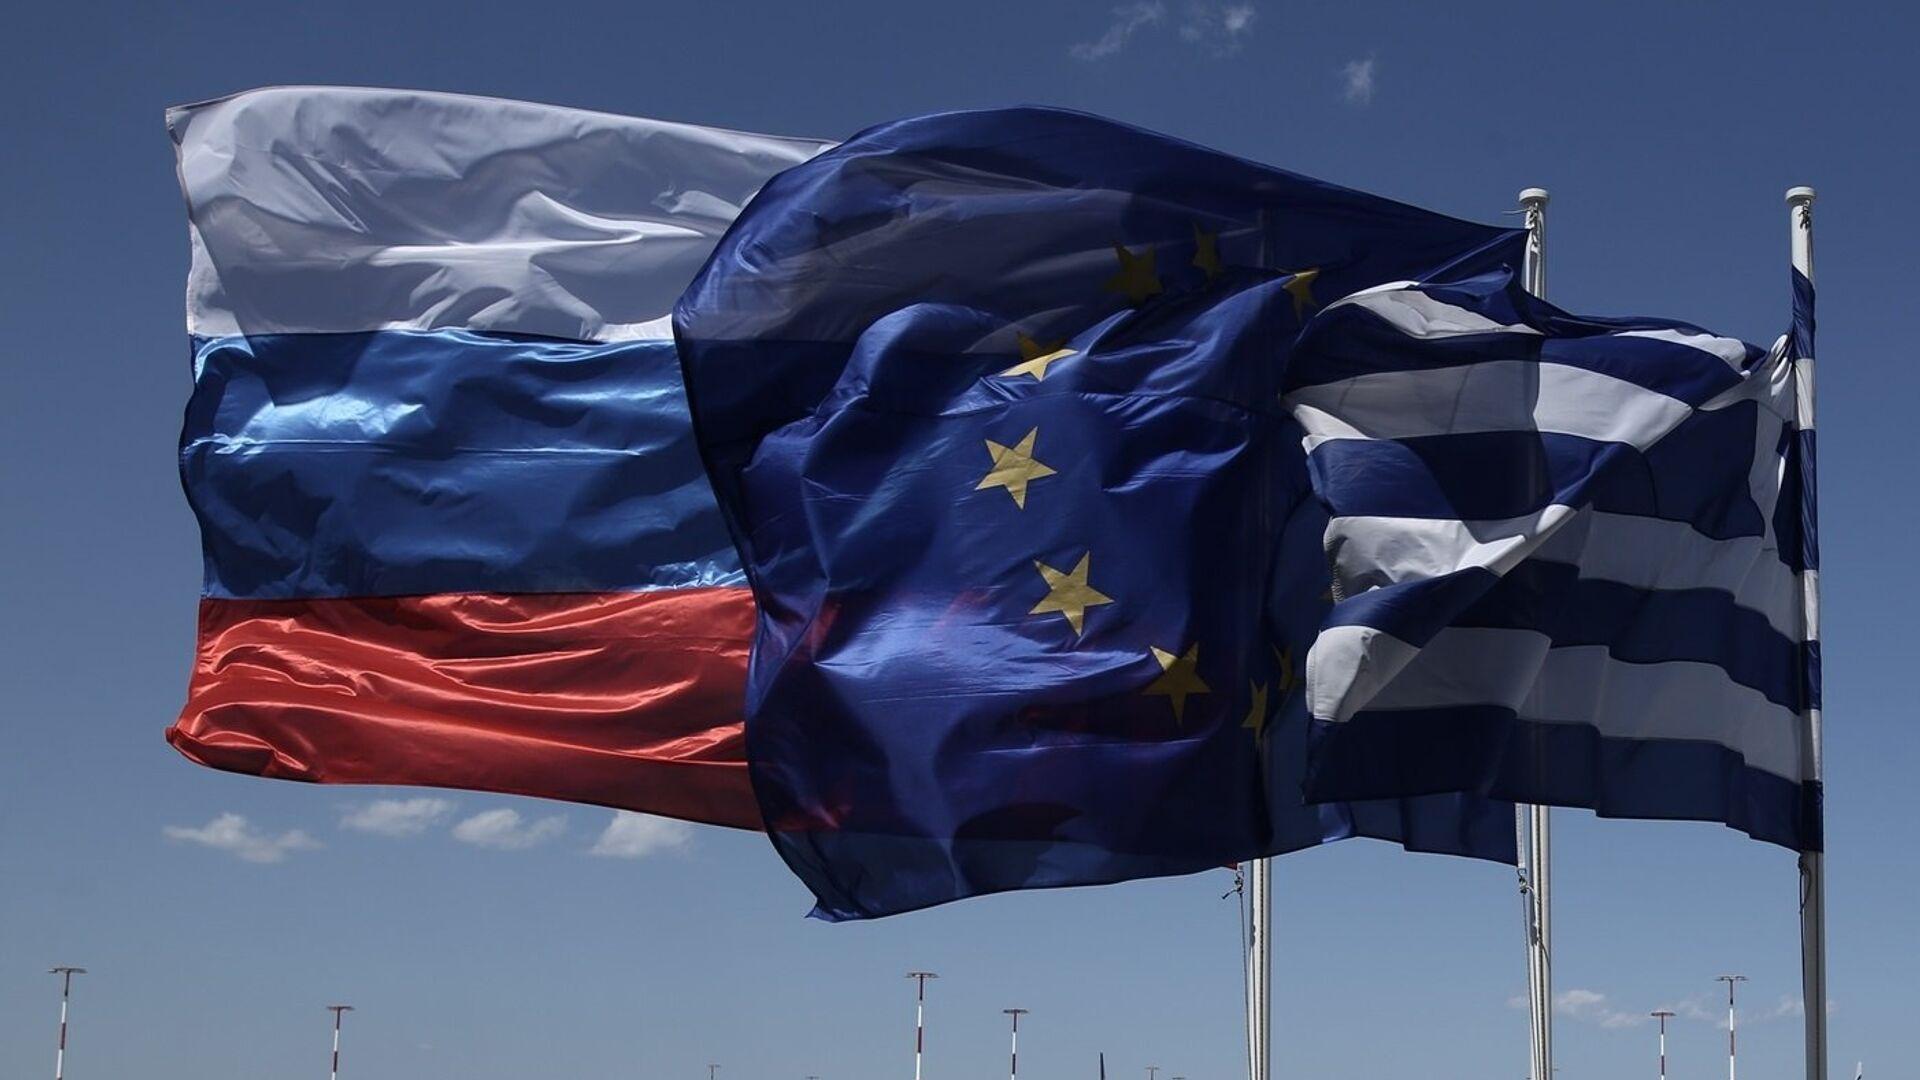 Σημαίες Ελλάδας, Ρωσίας και Ευρωπαϊκής Ένωσης - Sputnik Ελλάδα, 1920, 29.09.2021